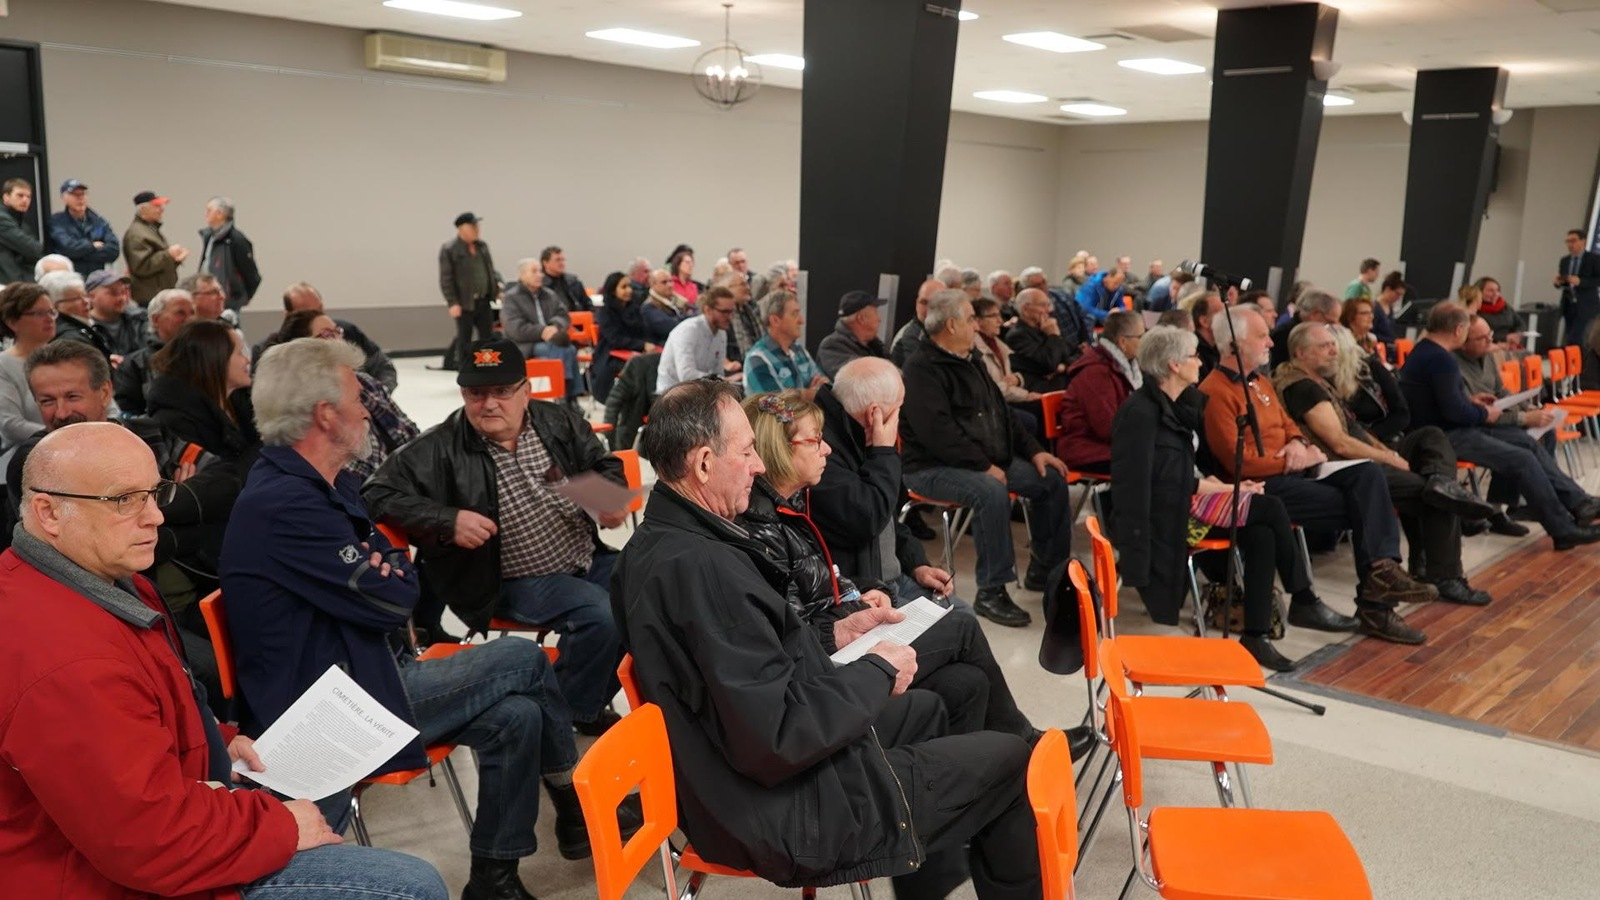 Environ une centaine de personnes participent à la consultation publique sur l'aménagement d'un cimetière musulman à Saint-Apollinaire.